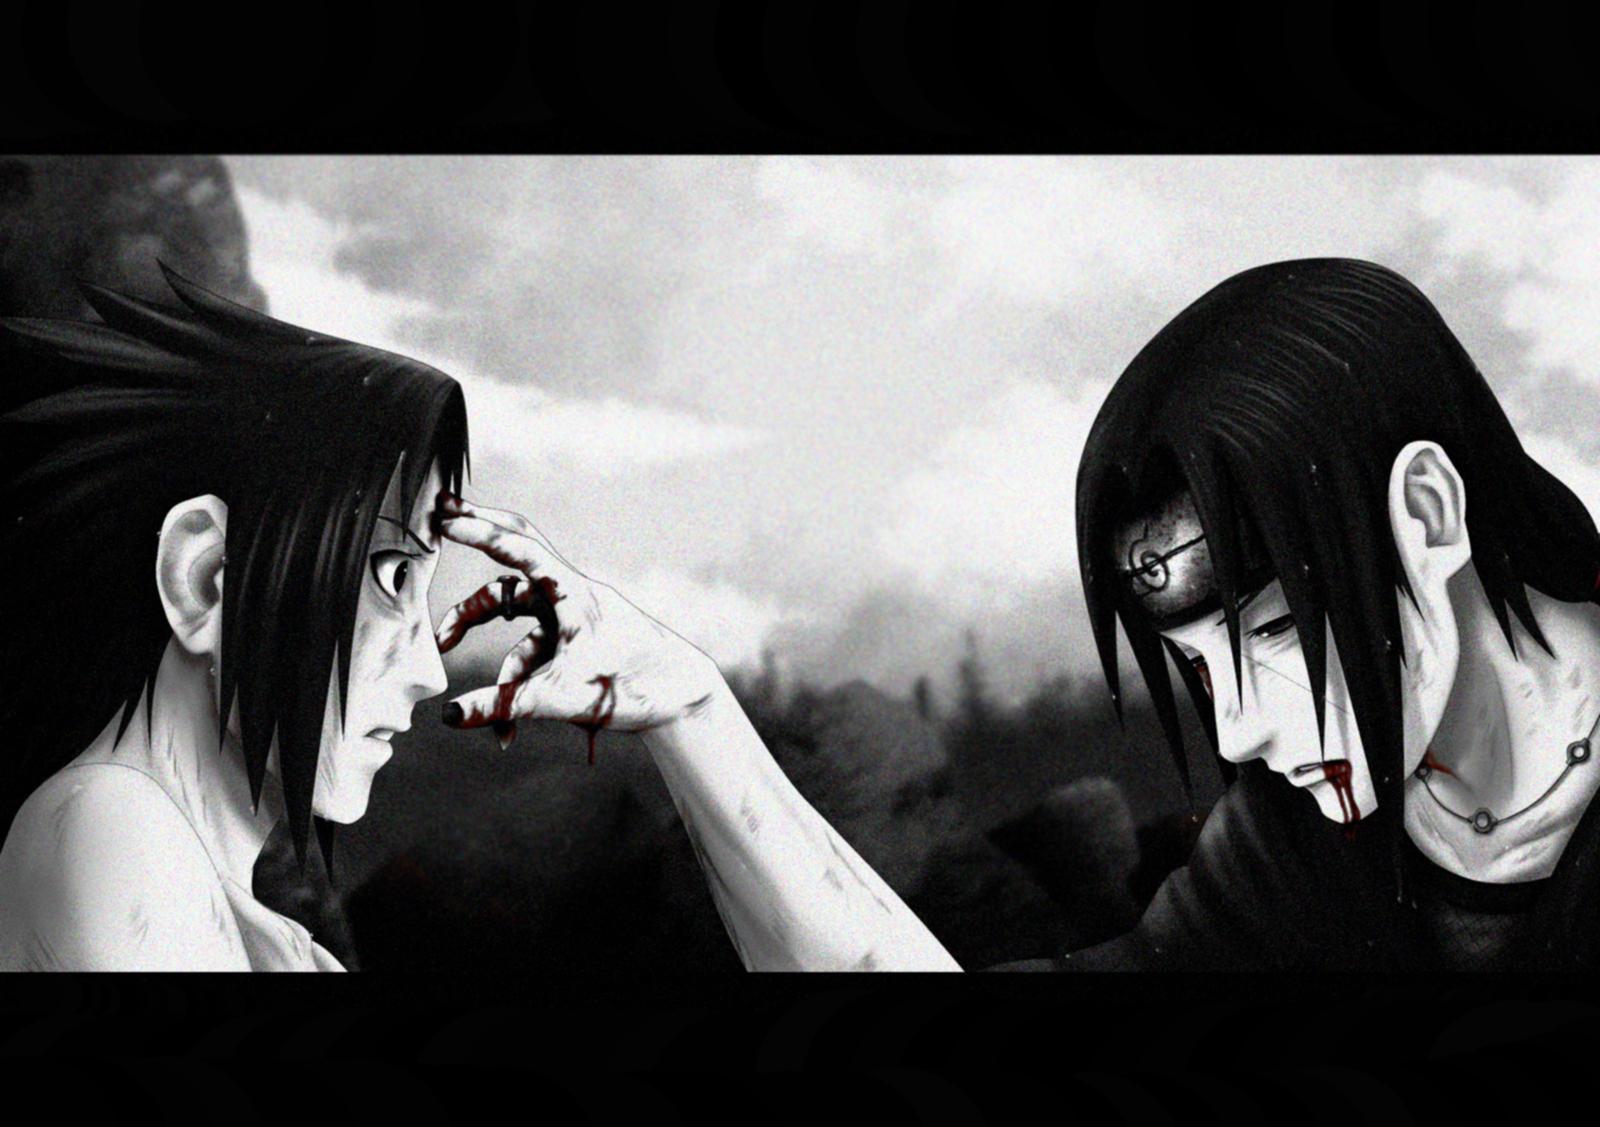 Itachi And Sasuke Uchiha Wallpaper By Spakey On Deviantart